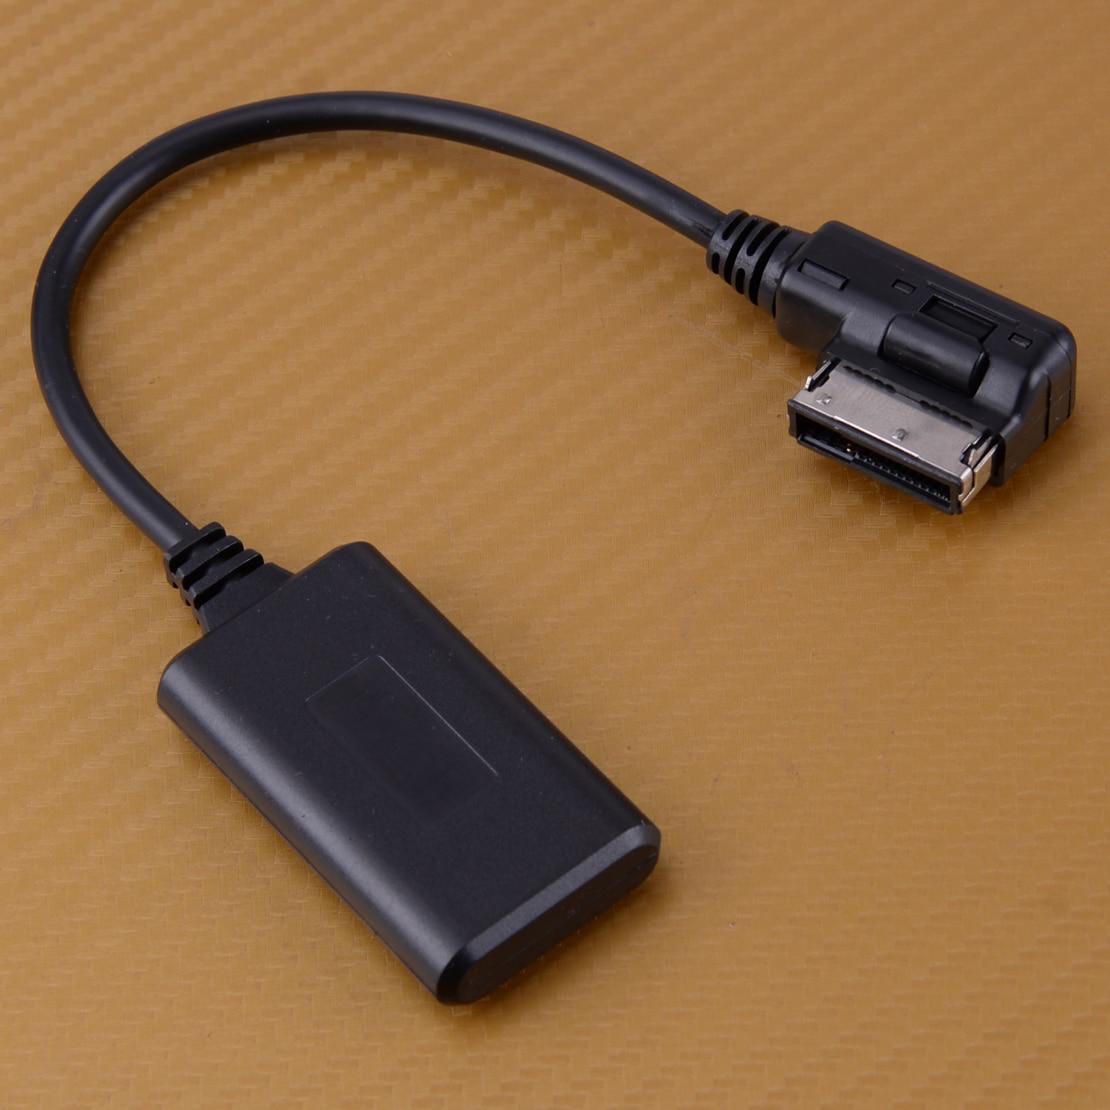 Pour AMI MMI Interface Bluetooth Aux adaptateur récepteur câble Audio Radio USB Stick sans fil adapté pour Audi Q5 A5 A7 S5 Q7 A4 A6 A8